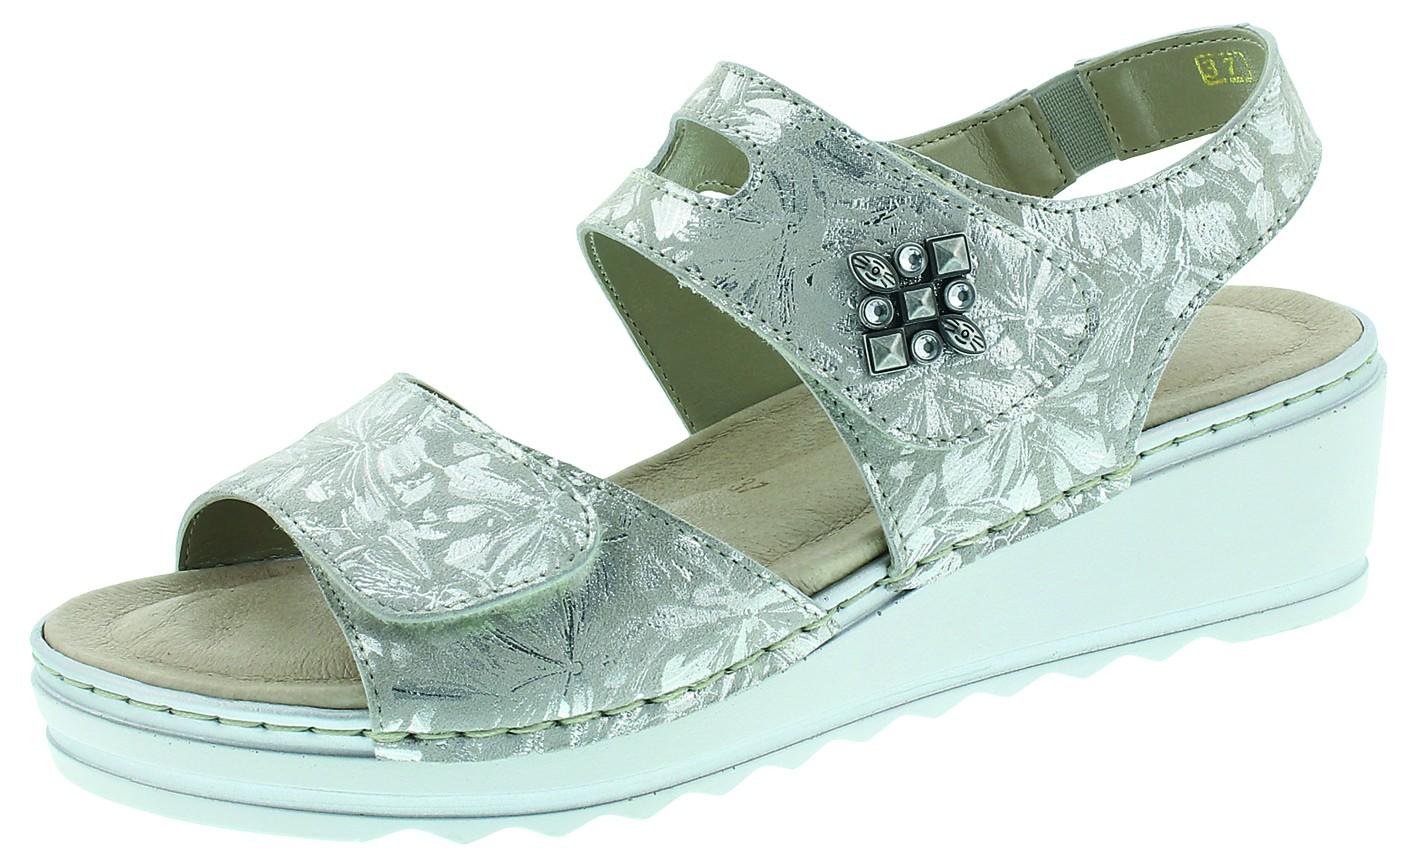 Remonte Damen Sandale-Pantolette D.Sandaleette Grau R6055 40 FOG/